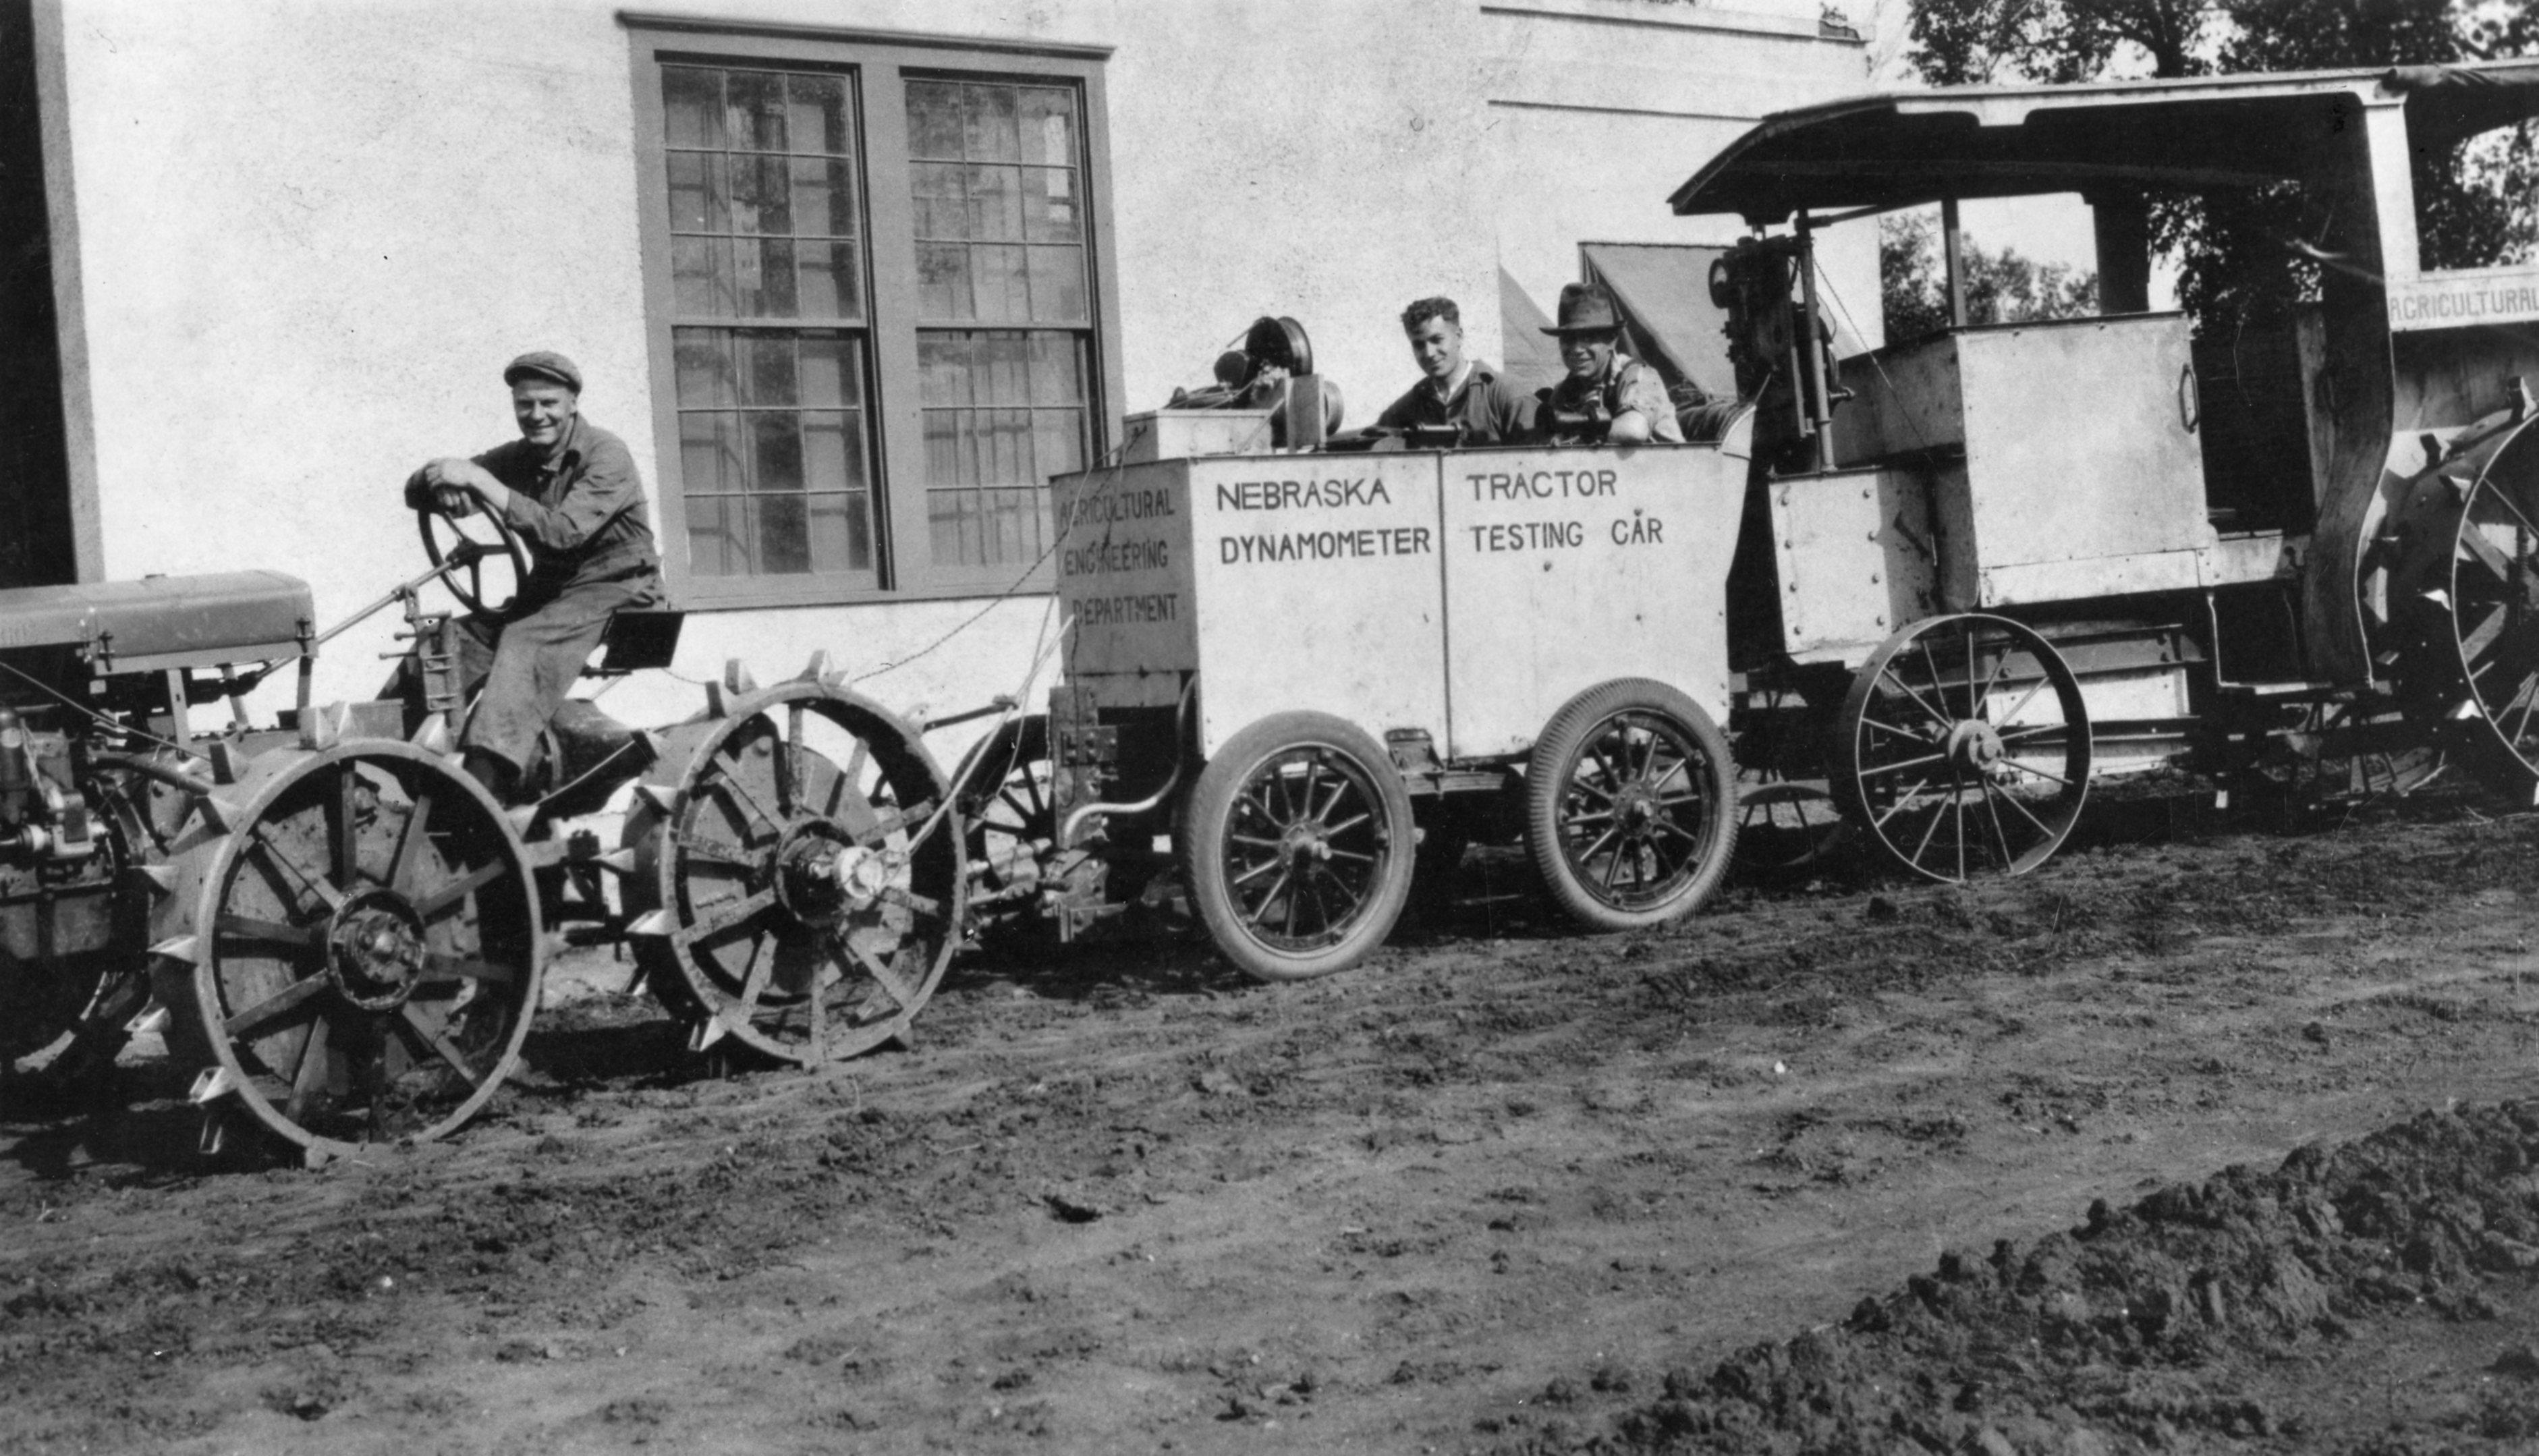 Nebraska Dynamometer, Tractor Testing Car